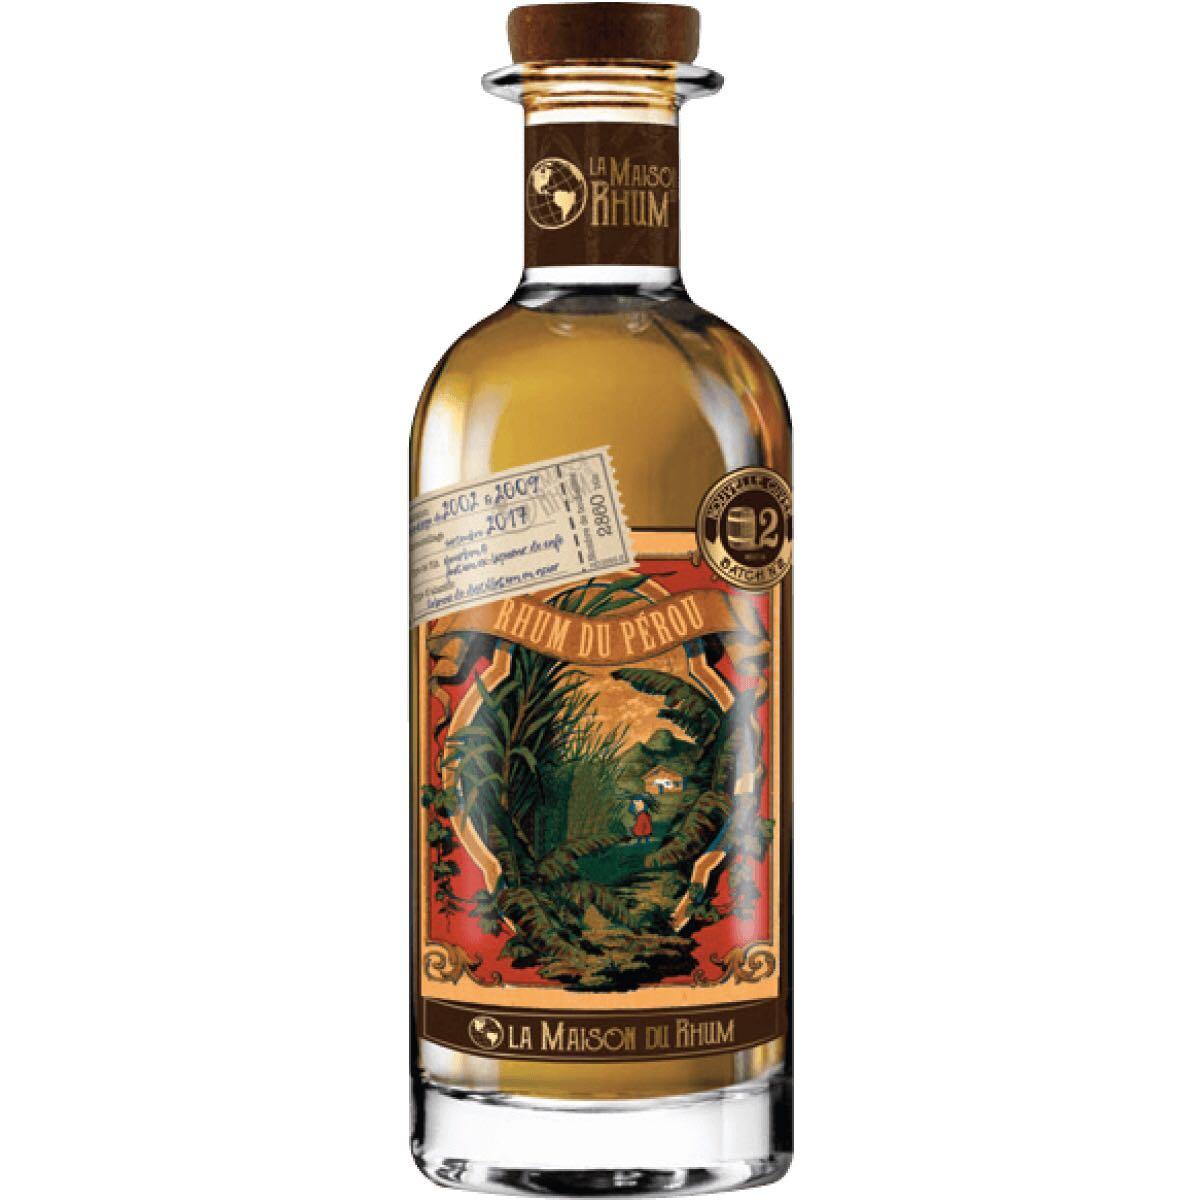 Bottle image of La Maison du Rhum Pérou Millonario #2